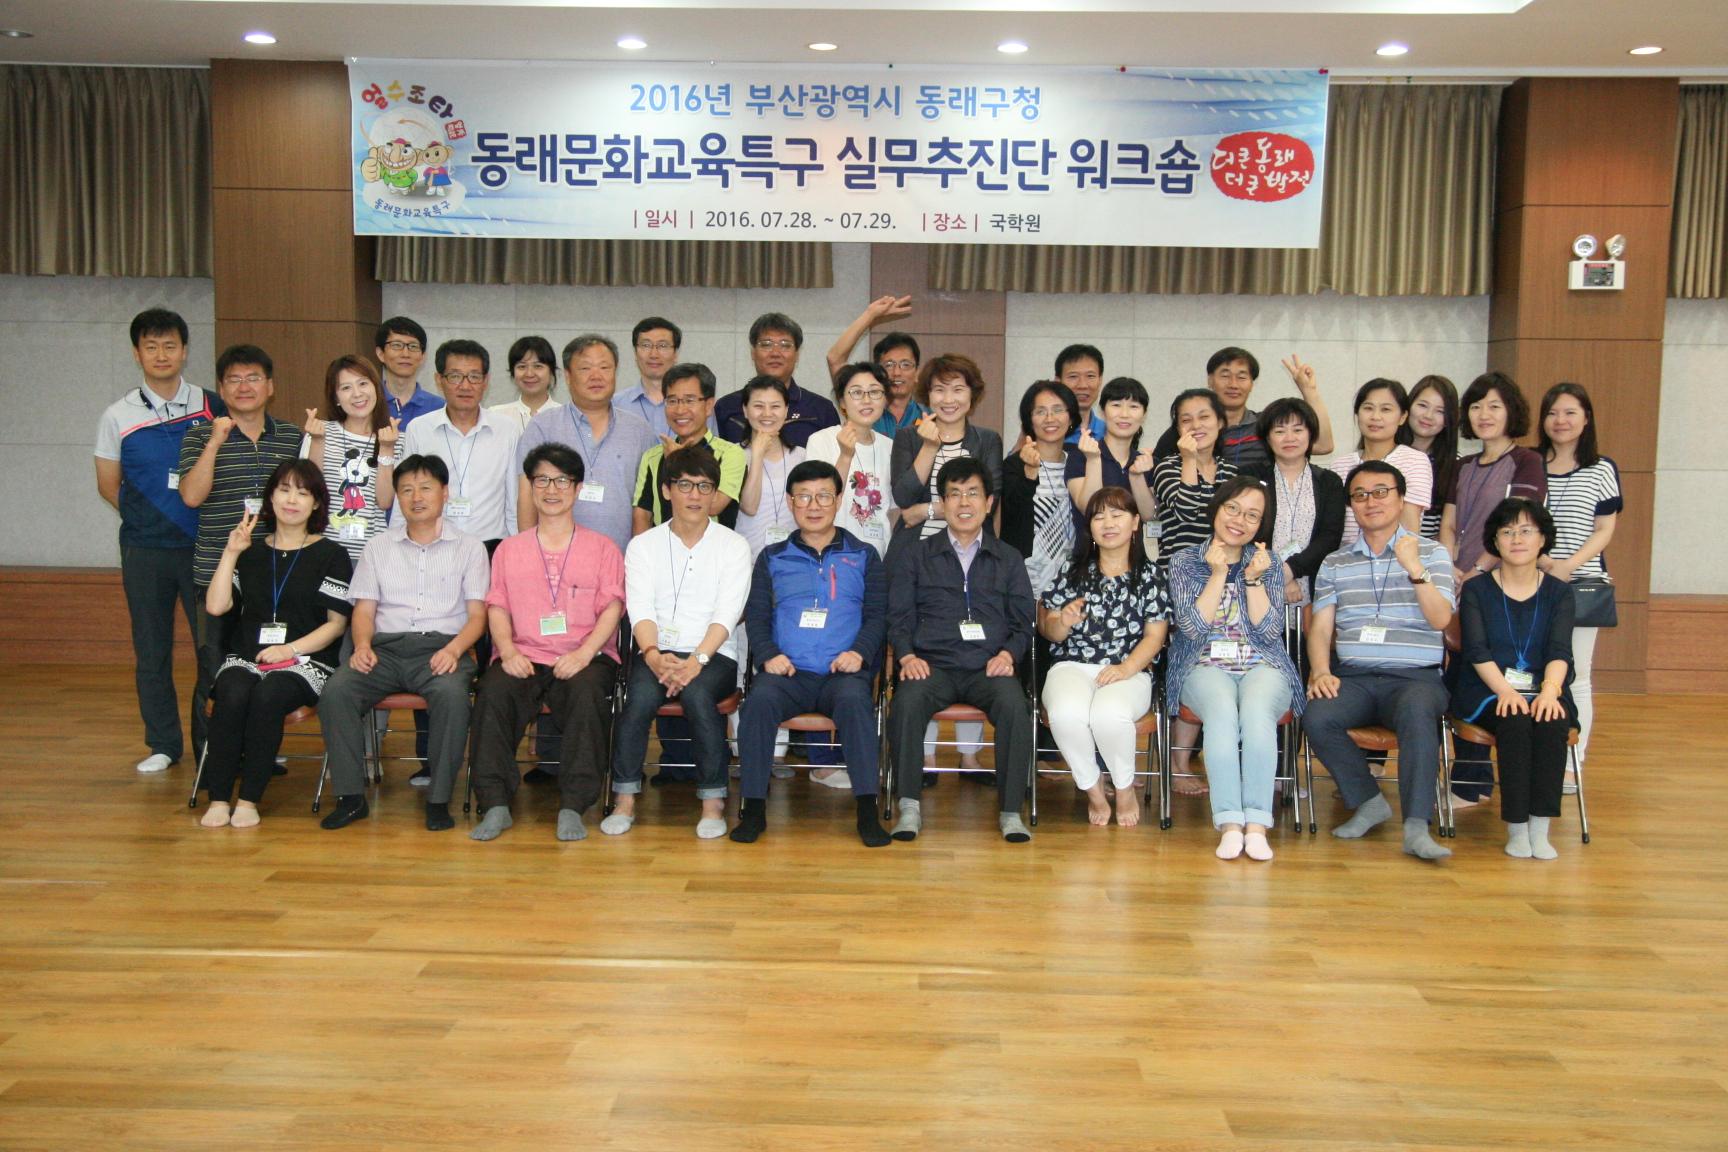 부산광역시 동래구청 교육문화특구 실무추진단 직원 워크숍